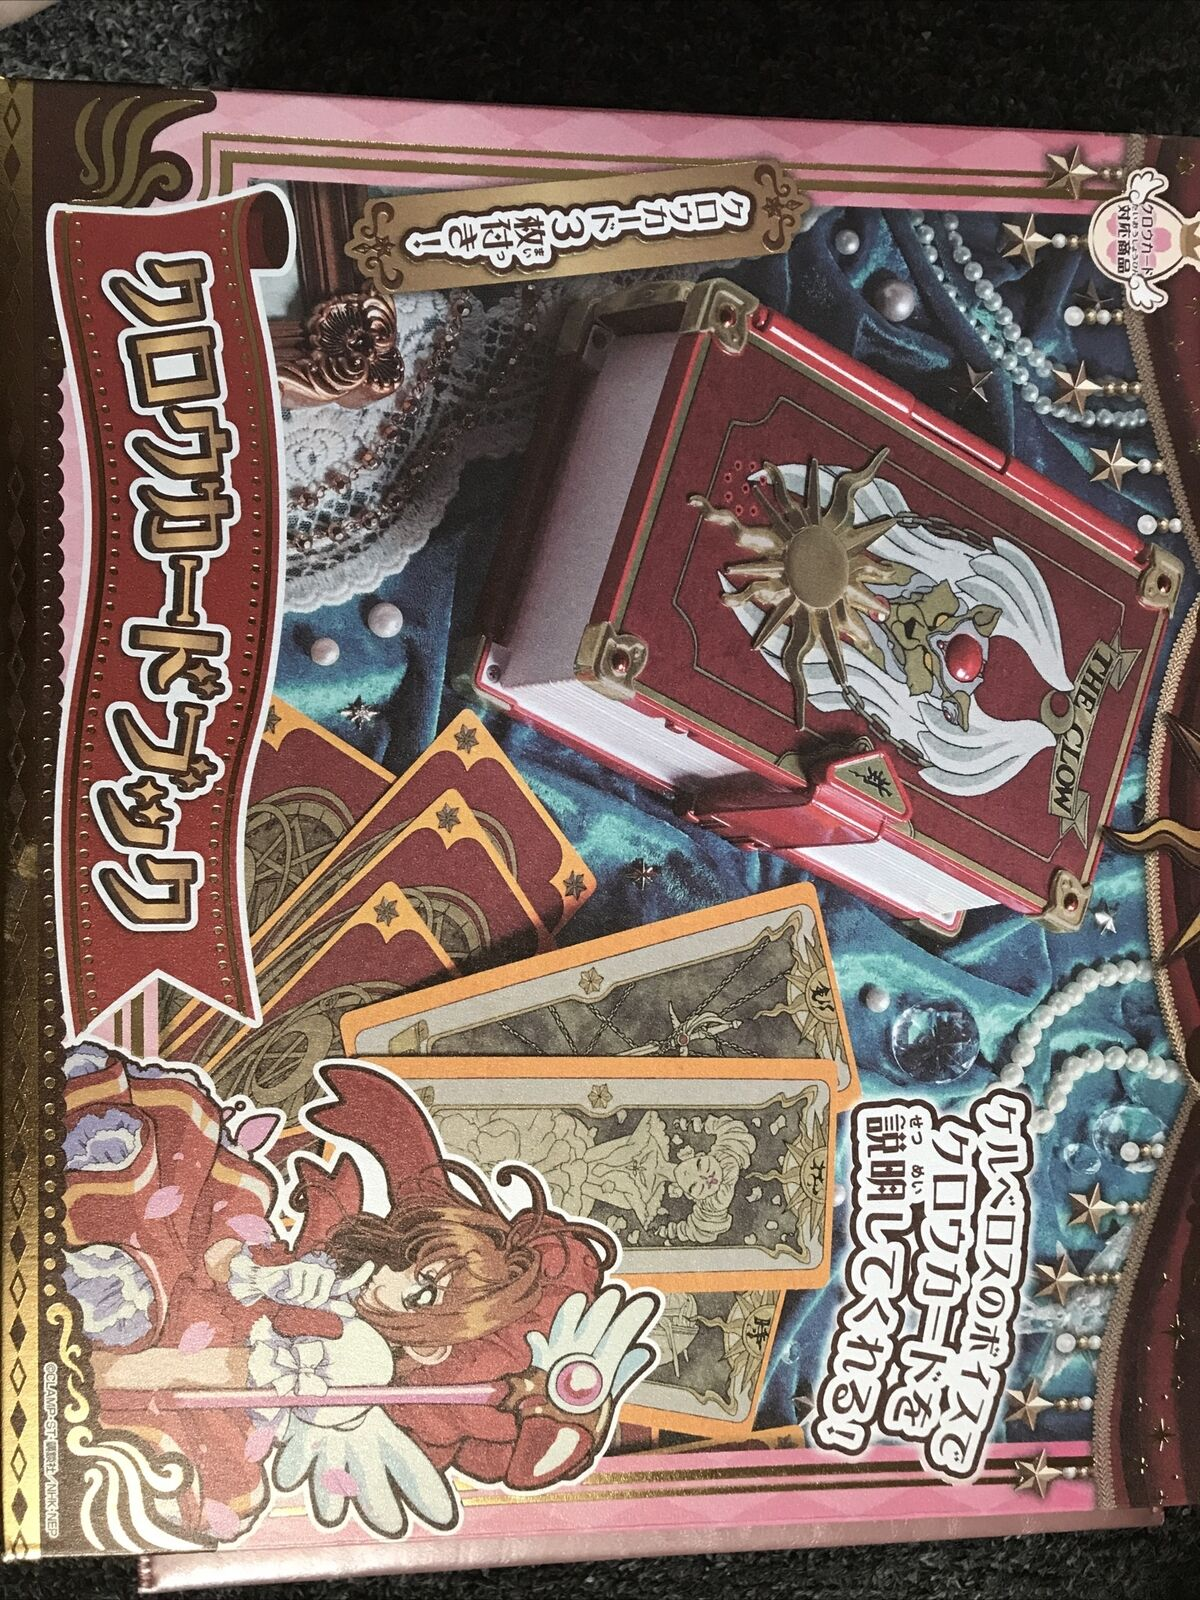 CardCaptor Sakura Clow Card Book